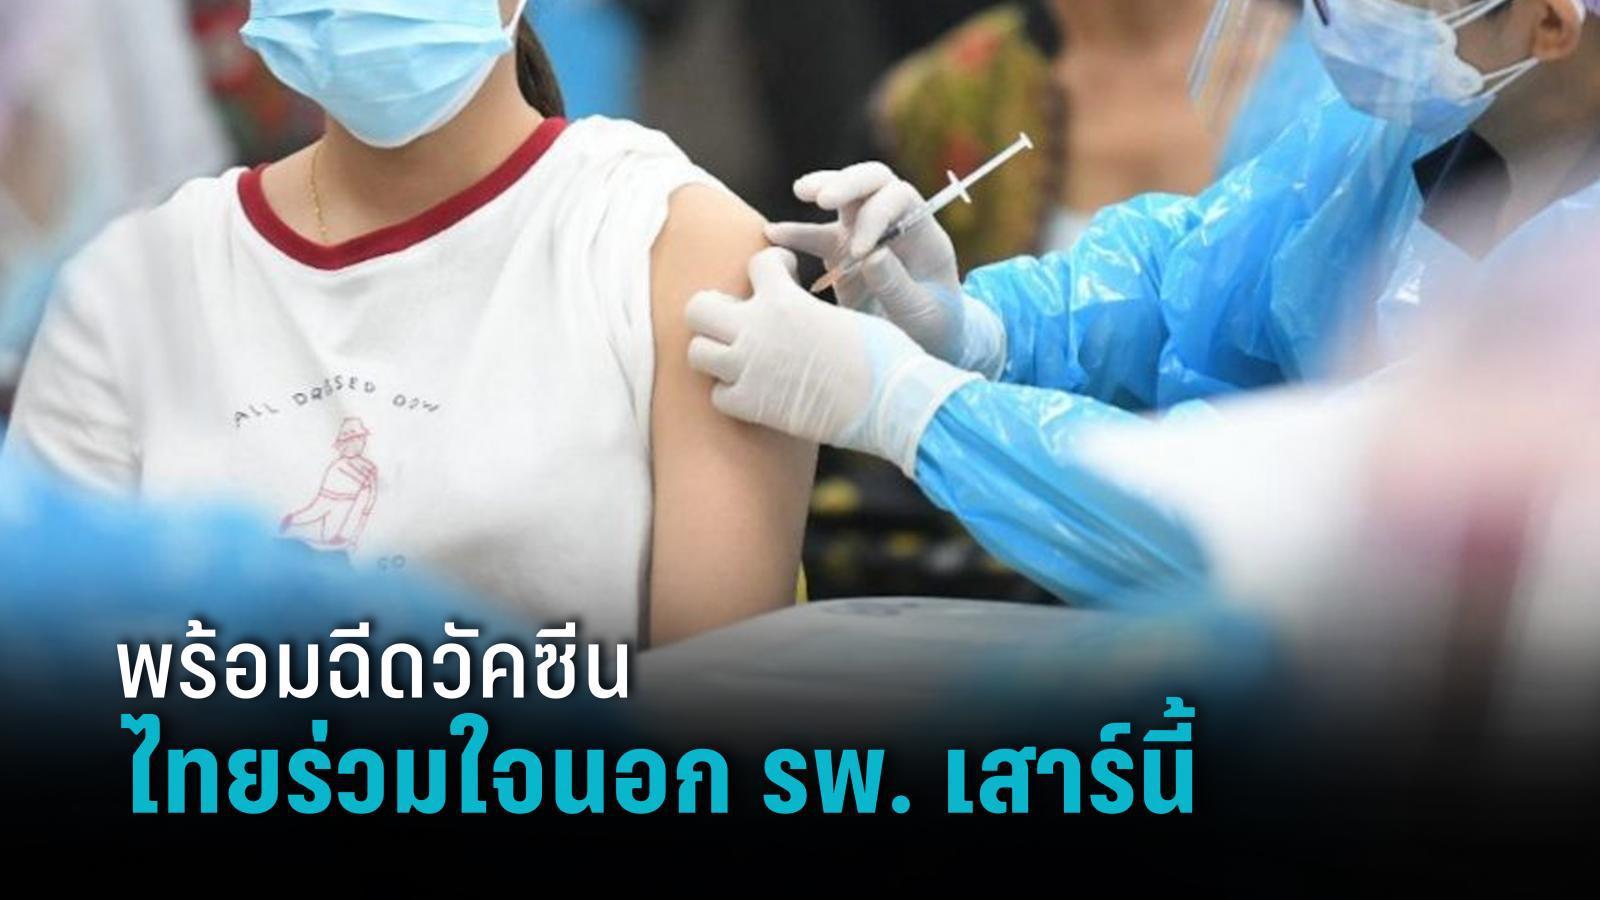 เตรียมร่างกายให้พร้อม ไทยร่วมใจเปิดฉีดวัคซีนนอก รพ.เริ่ม 7 ส.ค.นี้